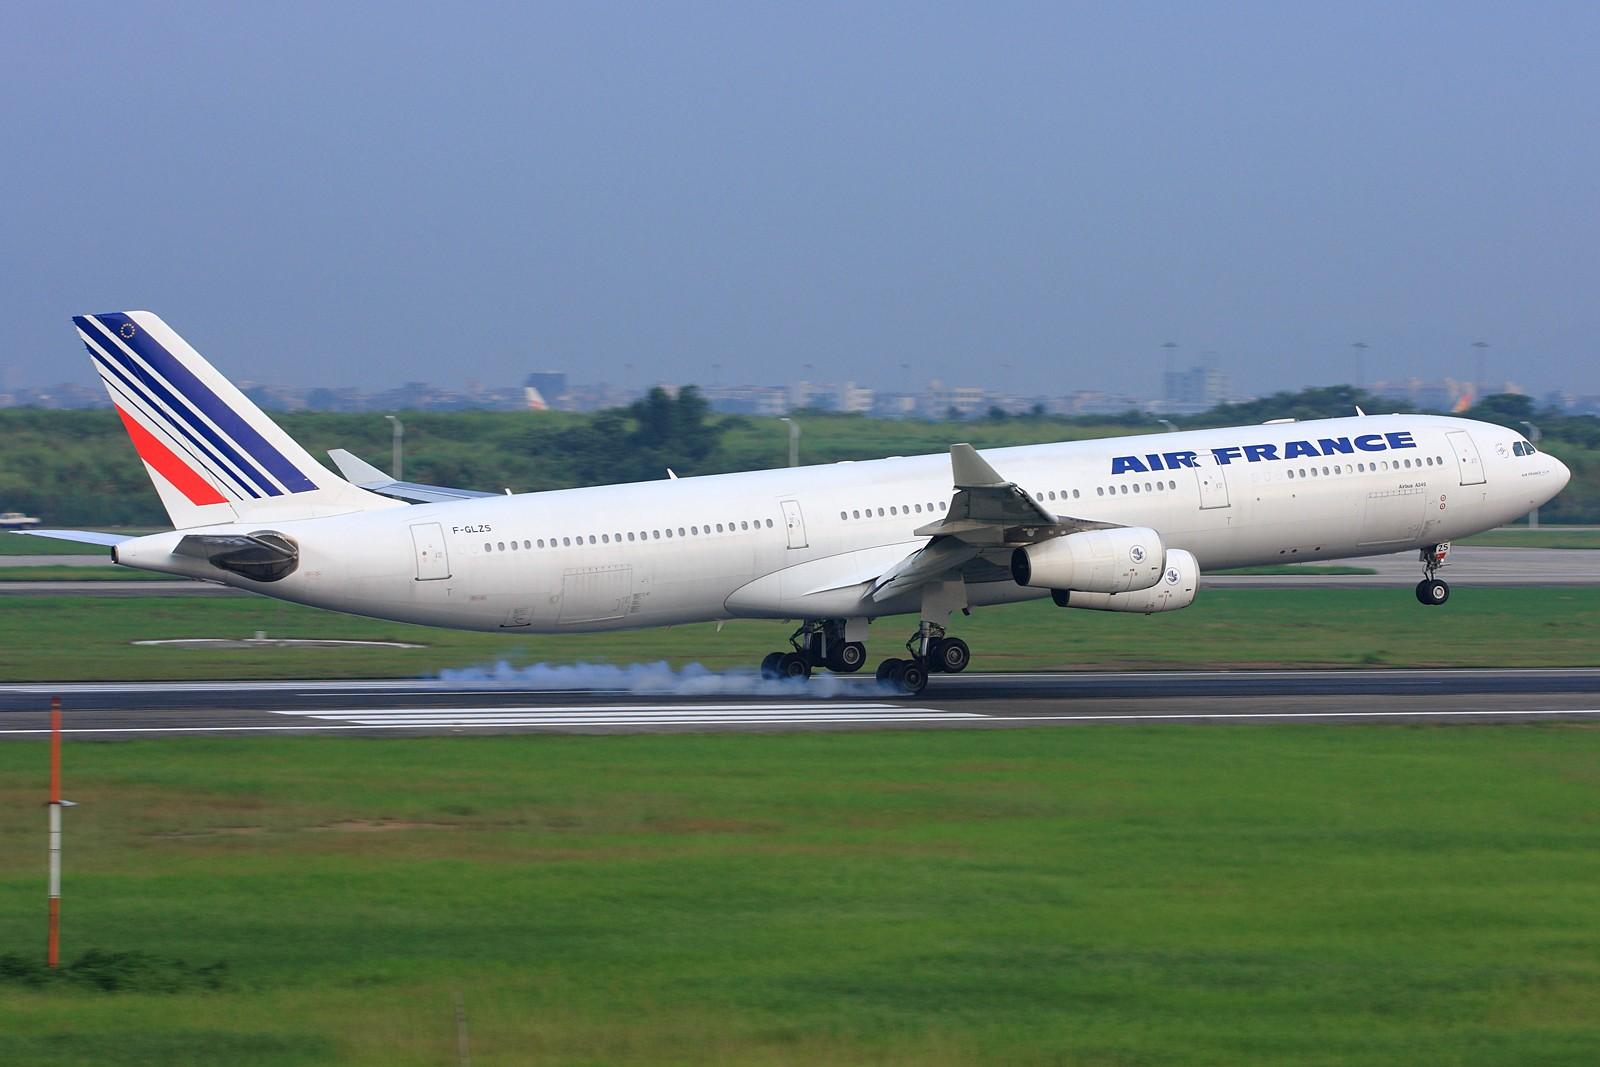 Re:[原创]【深圳飞友会】法国航空公司A340-300旧图装远道而来广州为我们表演擦烟!!! AIRBUS A340-300 F-GLZS 中国广州白云机场